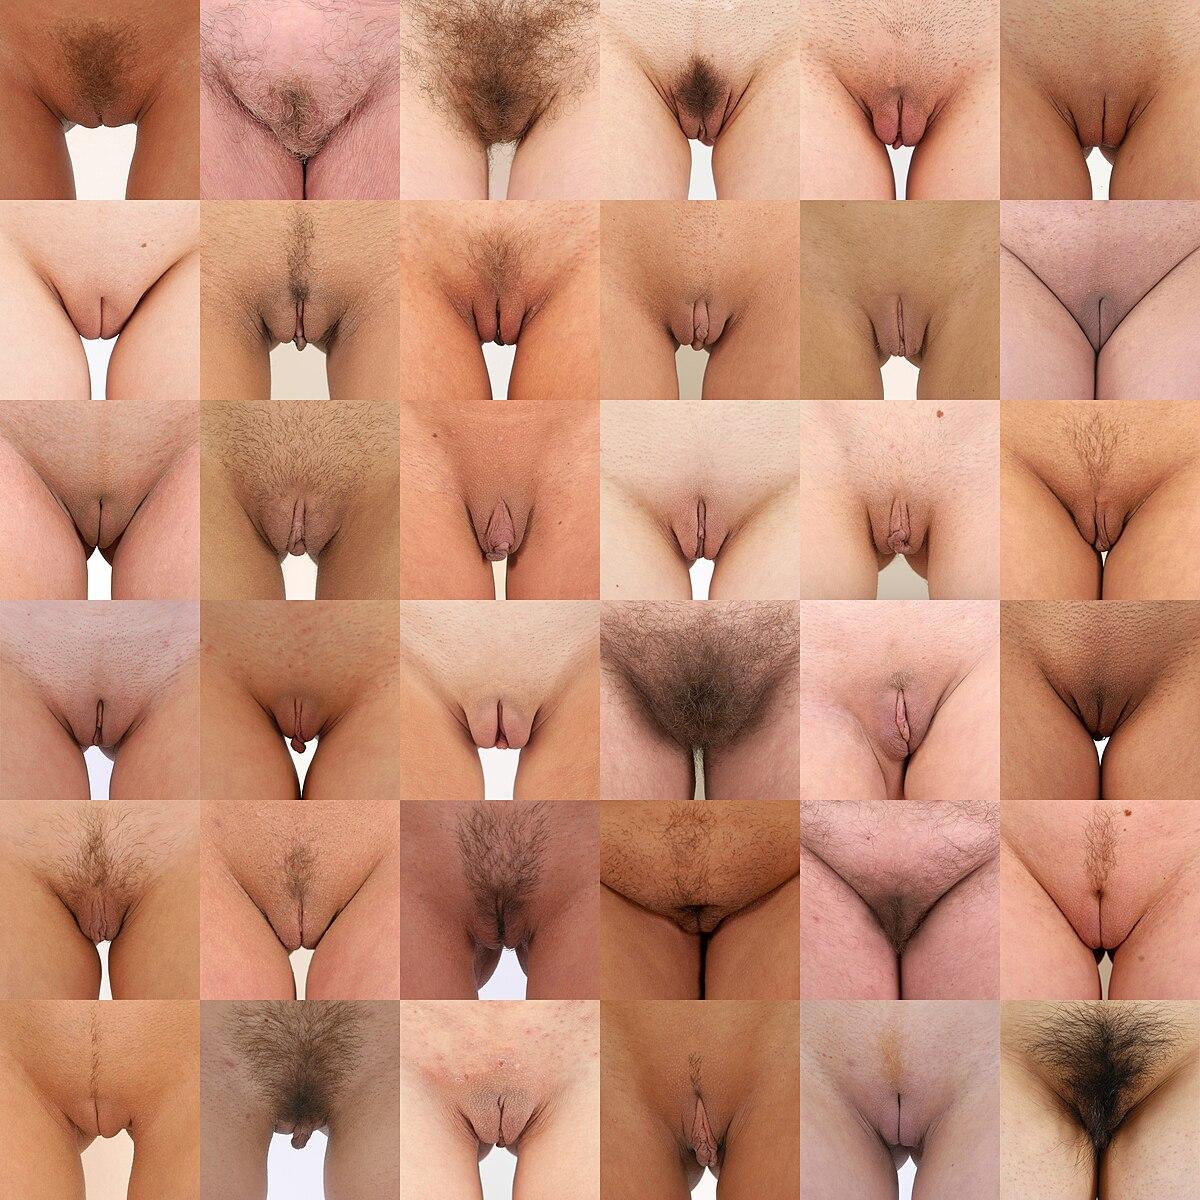 вагин фото женских видов